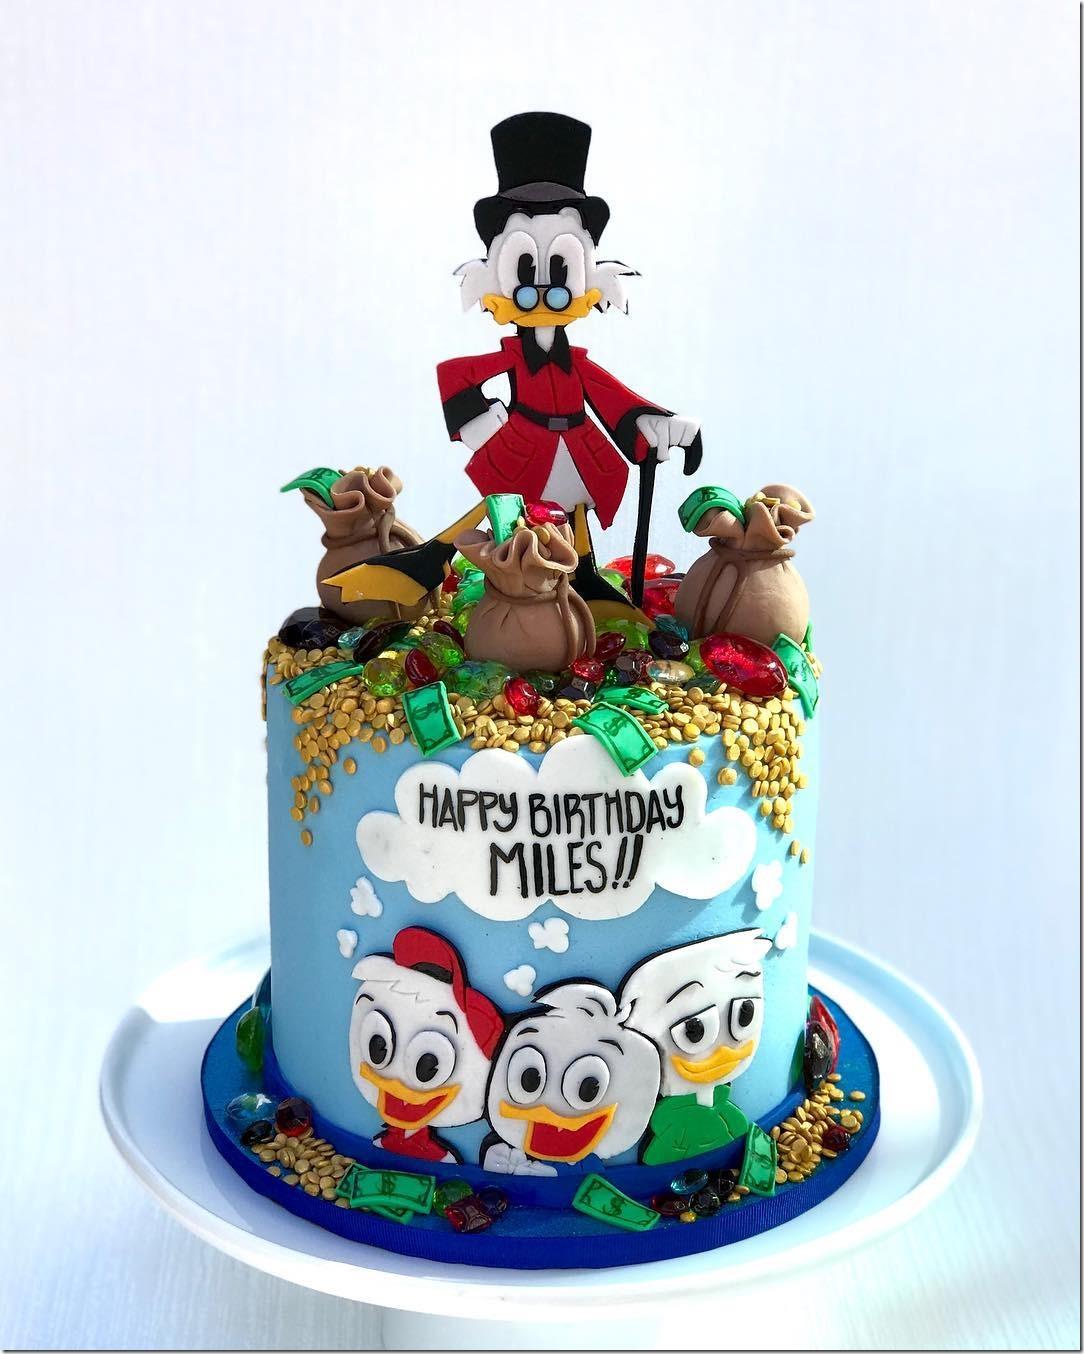 DuckTales Cake